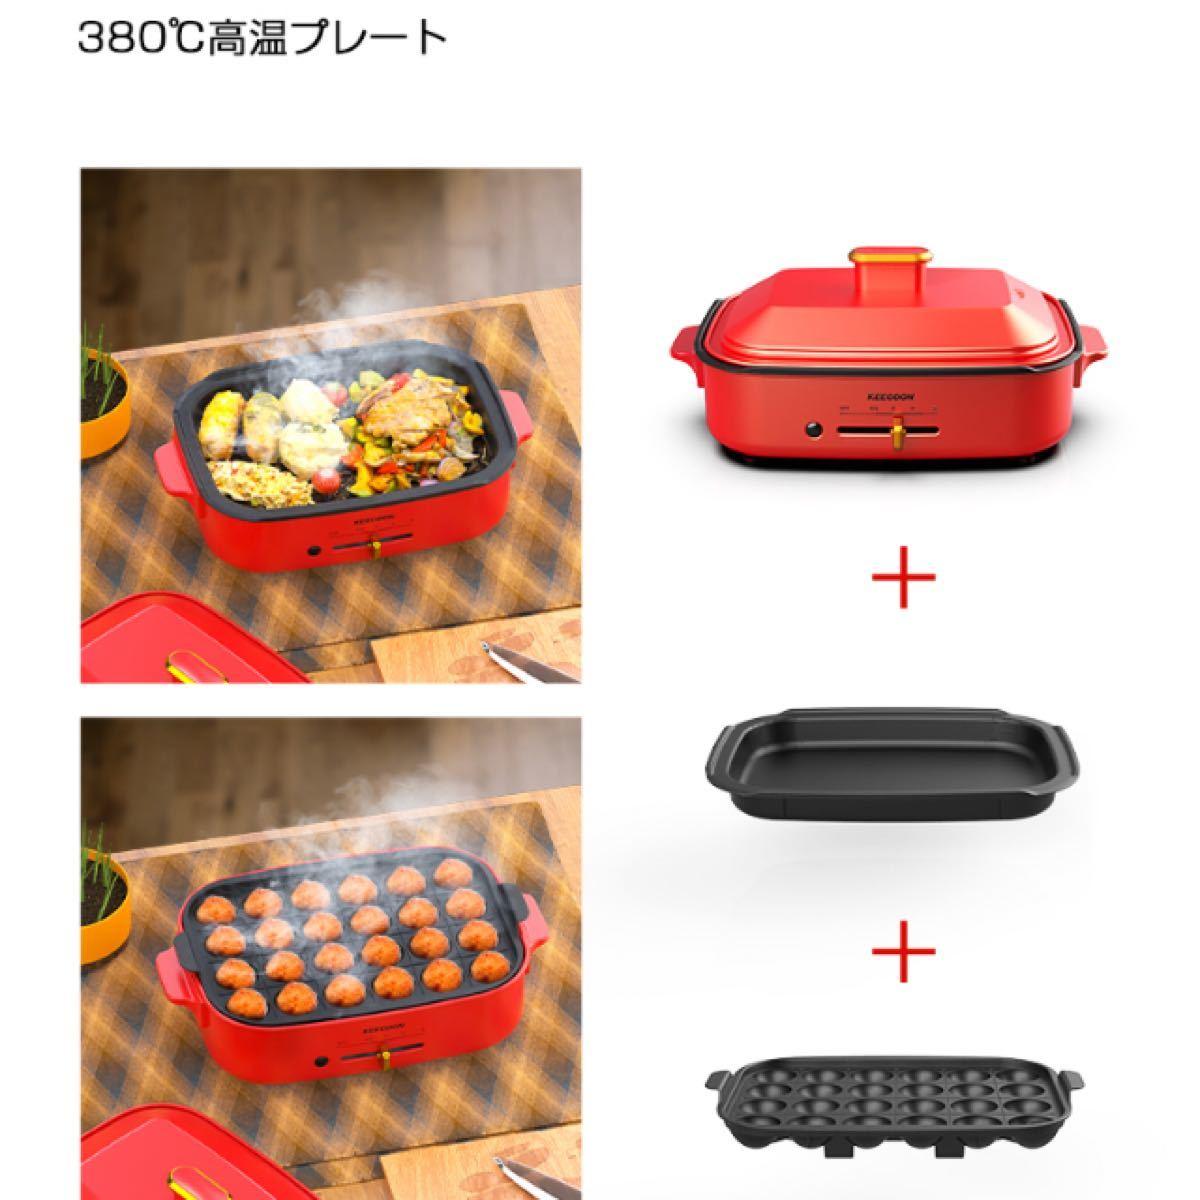 新品 未開封 ホットプレート 焼肉プレート KEECOON  ホームパーティー 家庭用